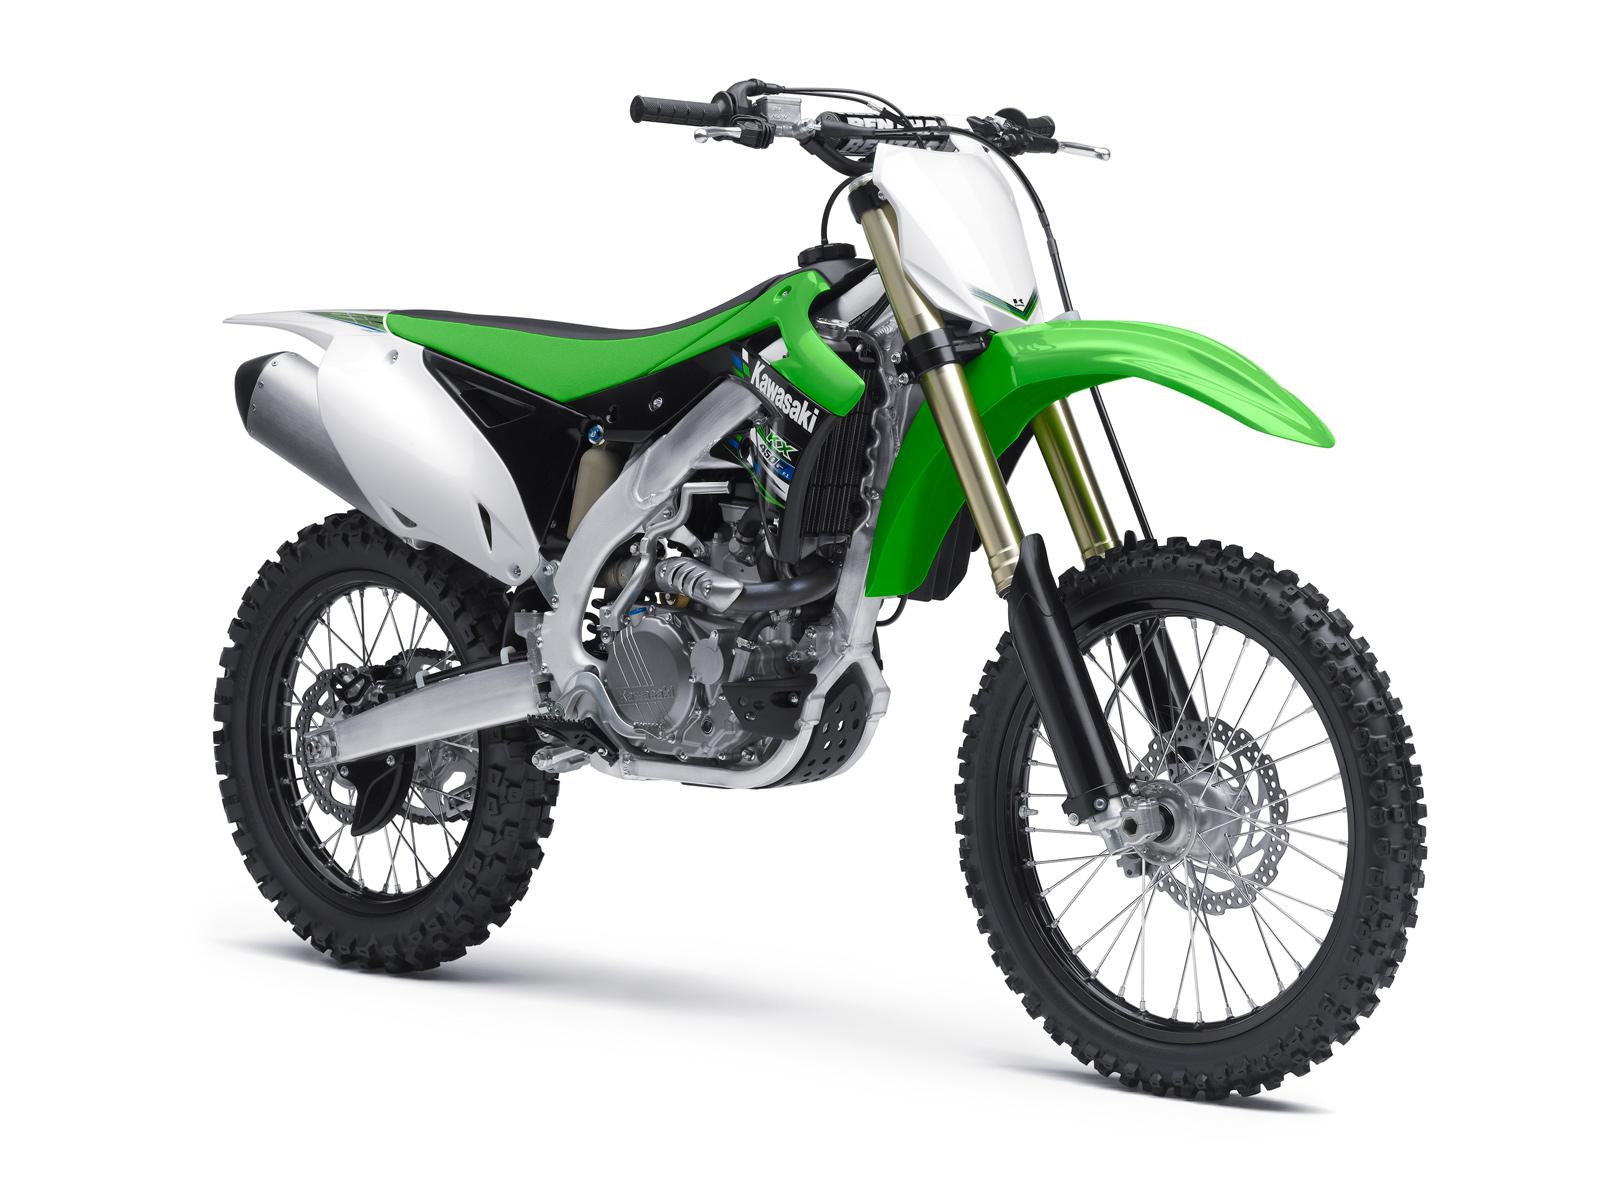 2013モデルのKX450F/KX250F_a0170631_1256256.jpg